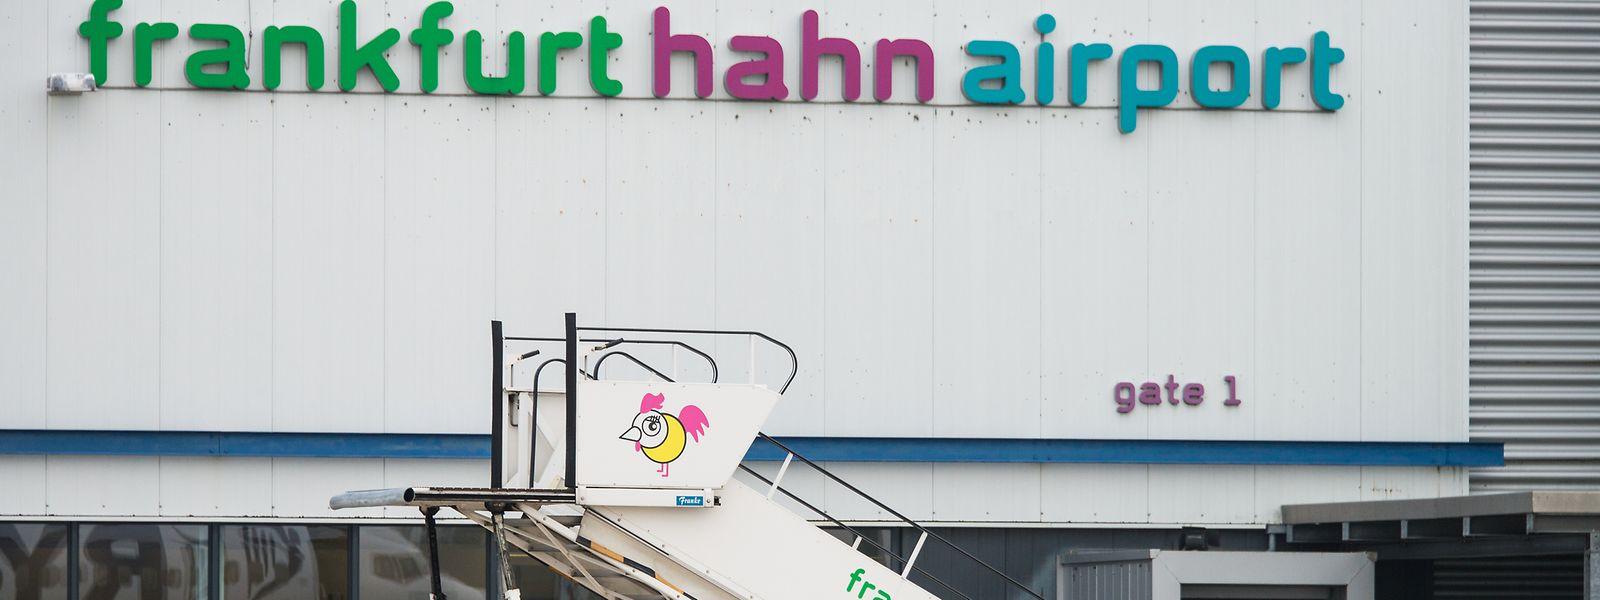 Liquide durch ein chinesisches Gesellschafterdarlehen: der Flughafen Frankfurt-Hahn.